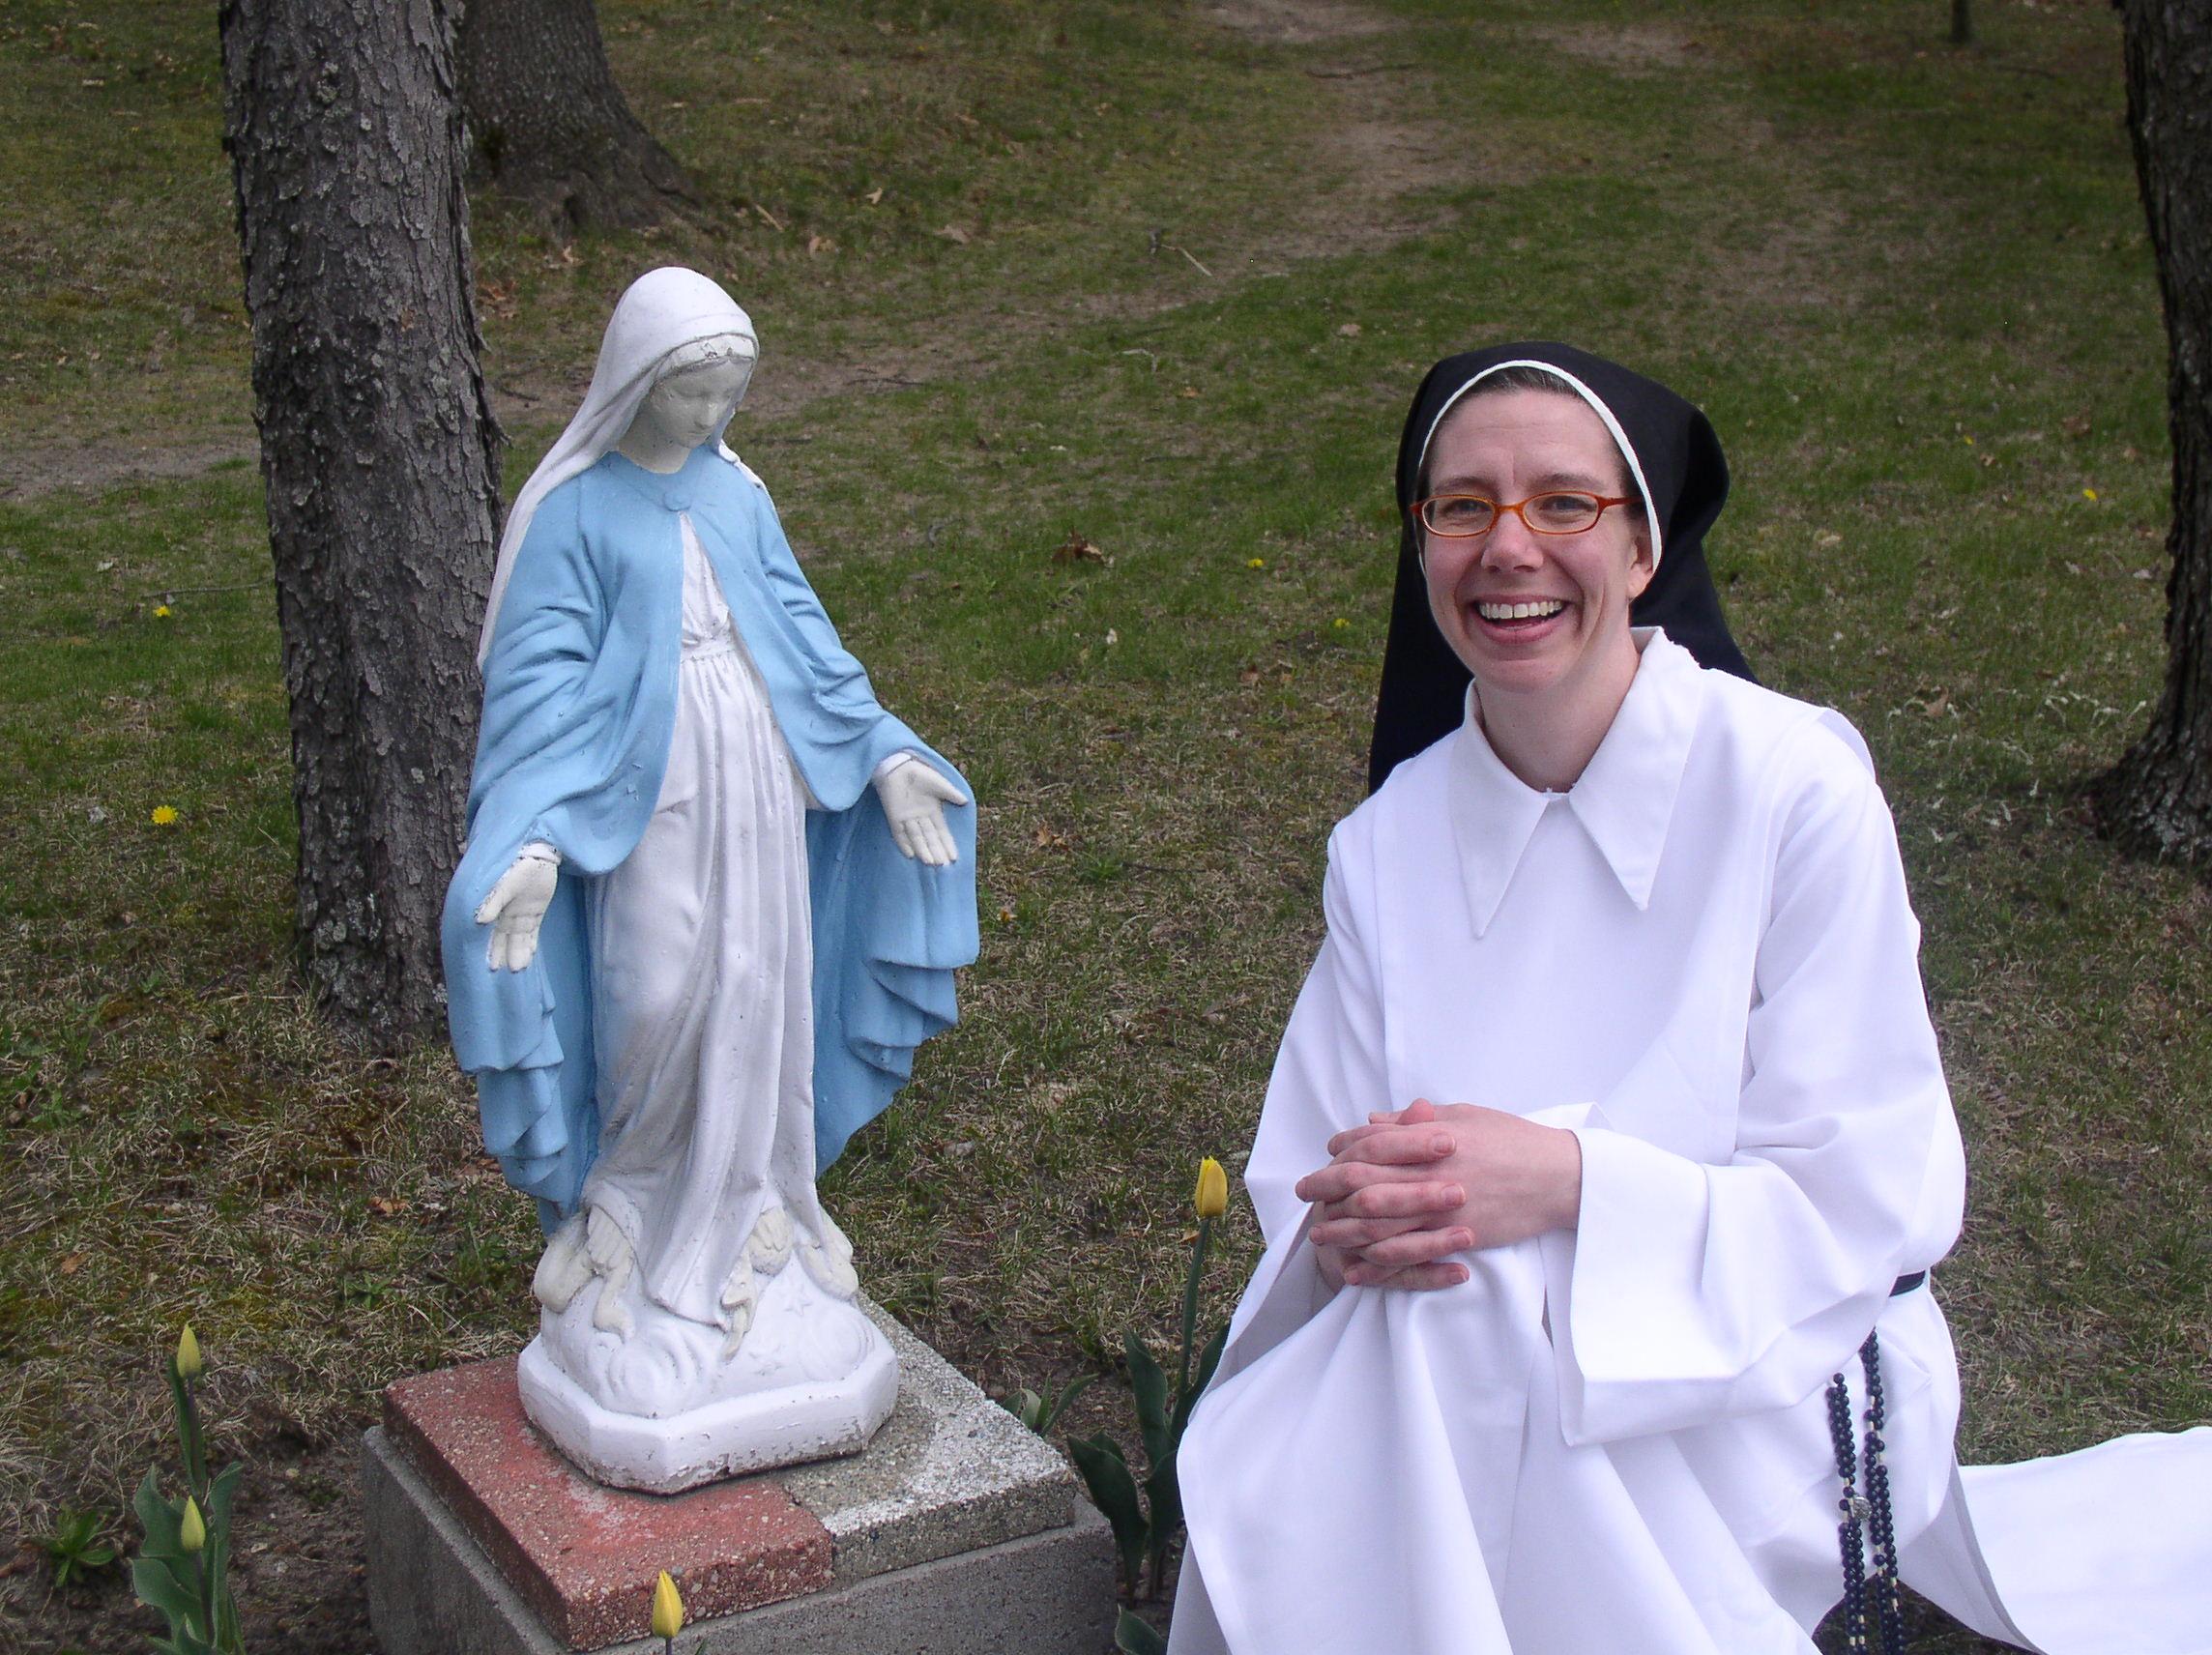 Sr. Mary Joseph of the Holy Family